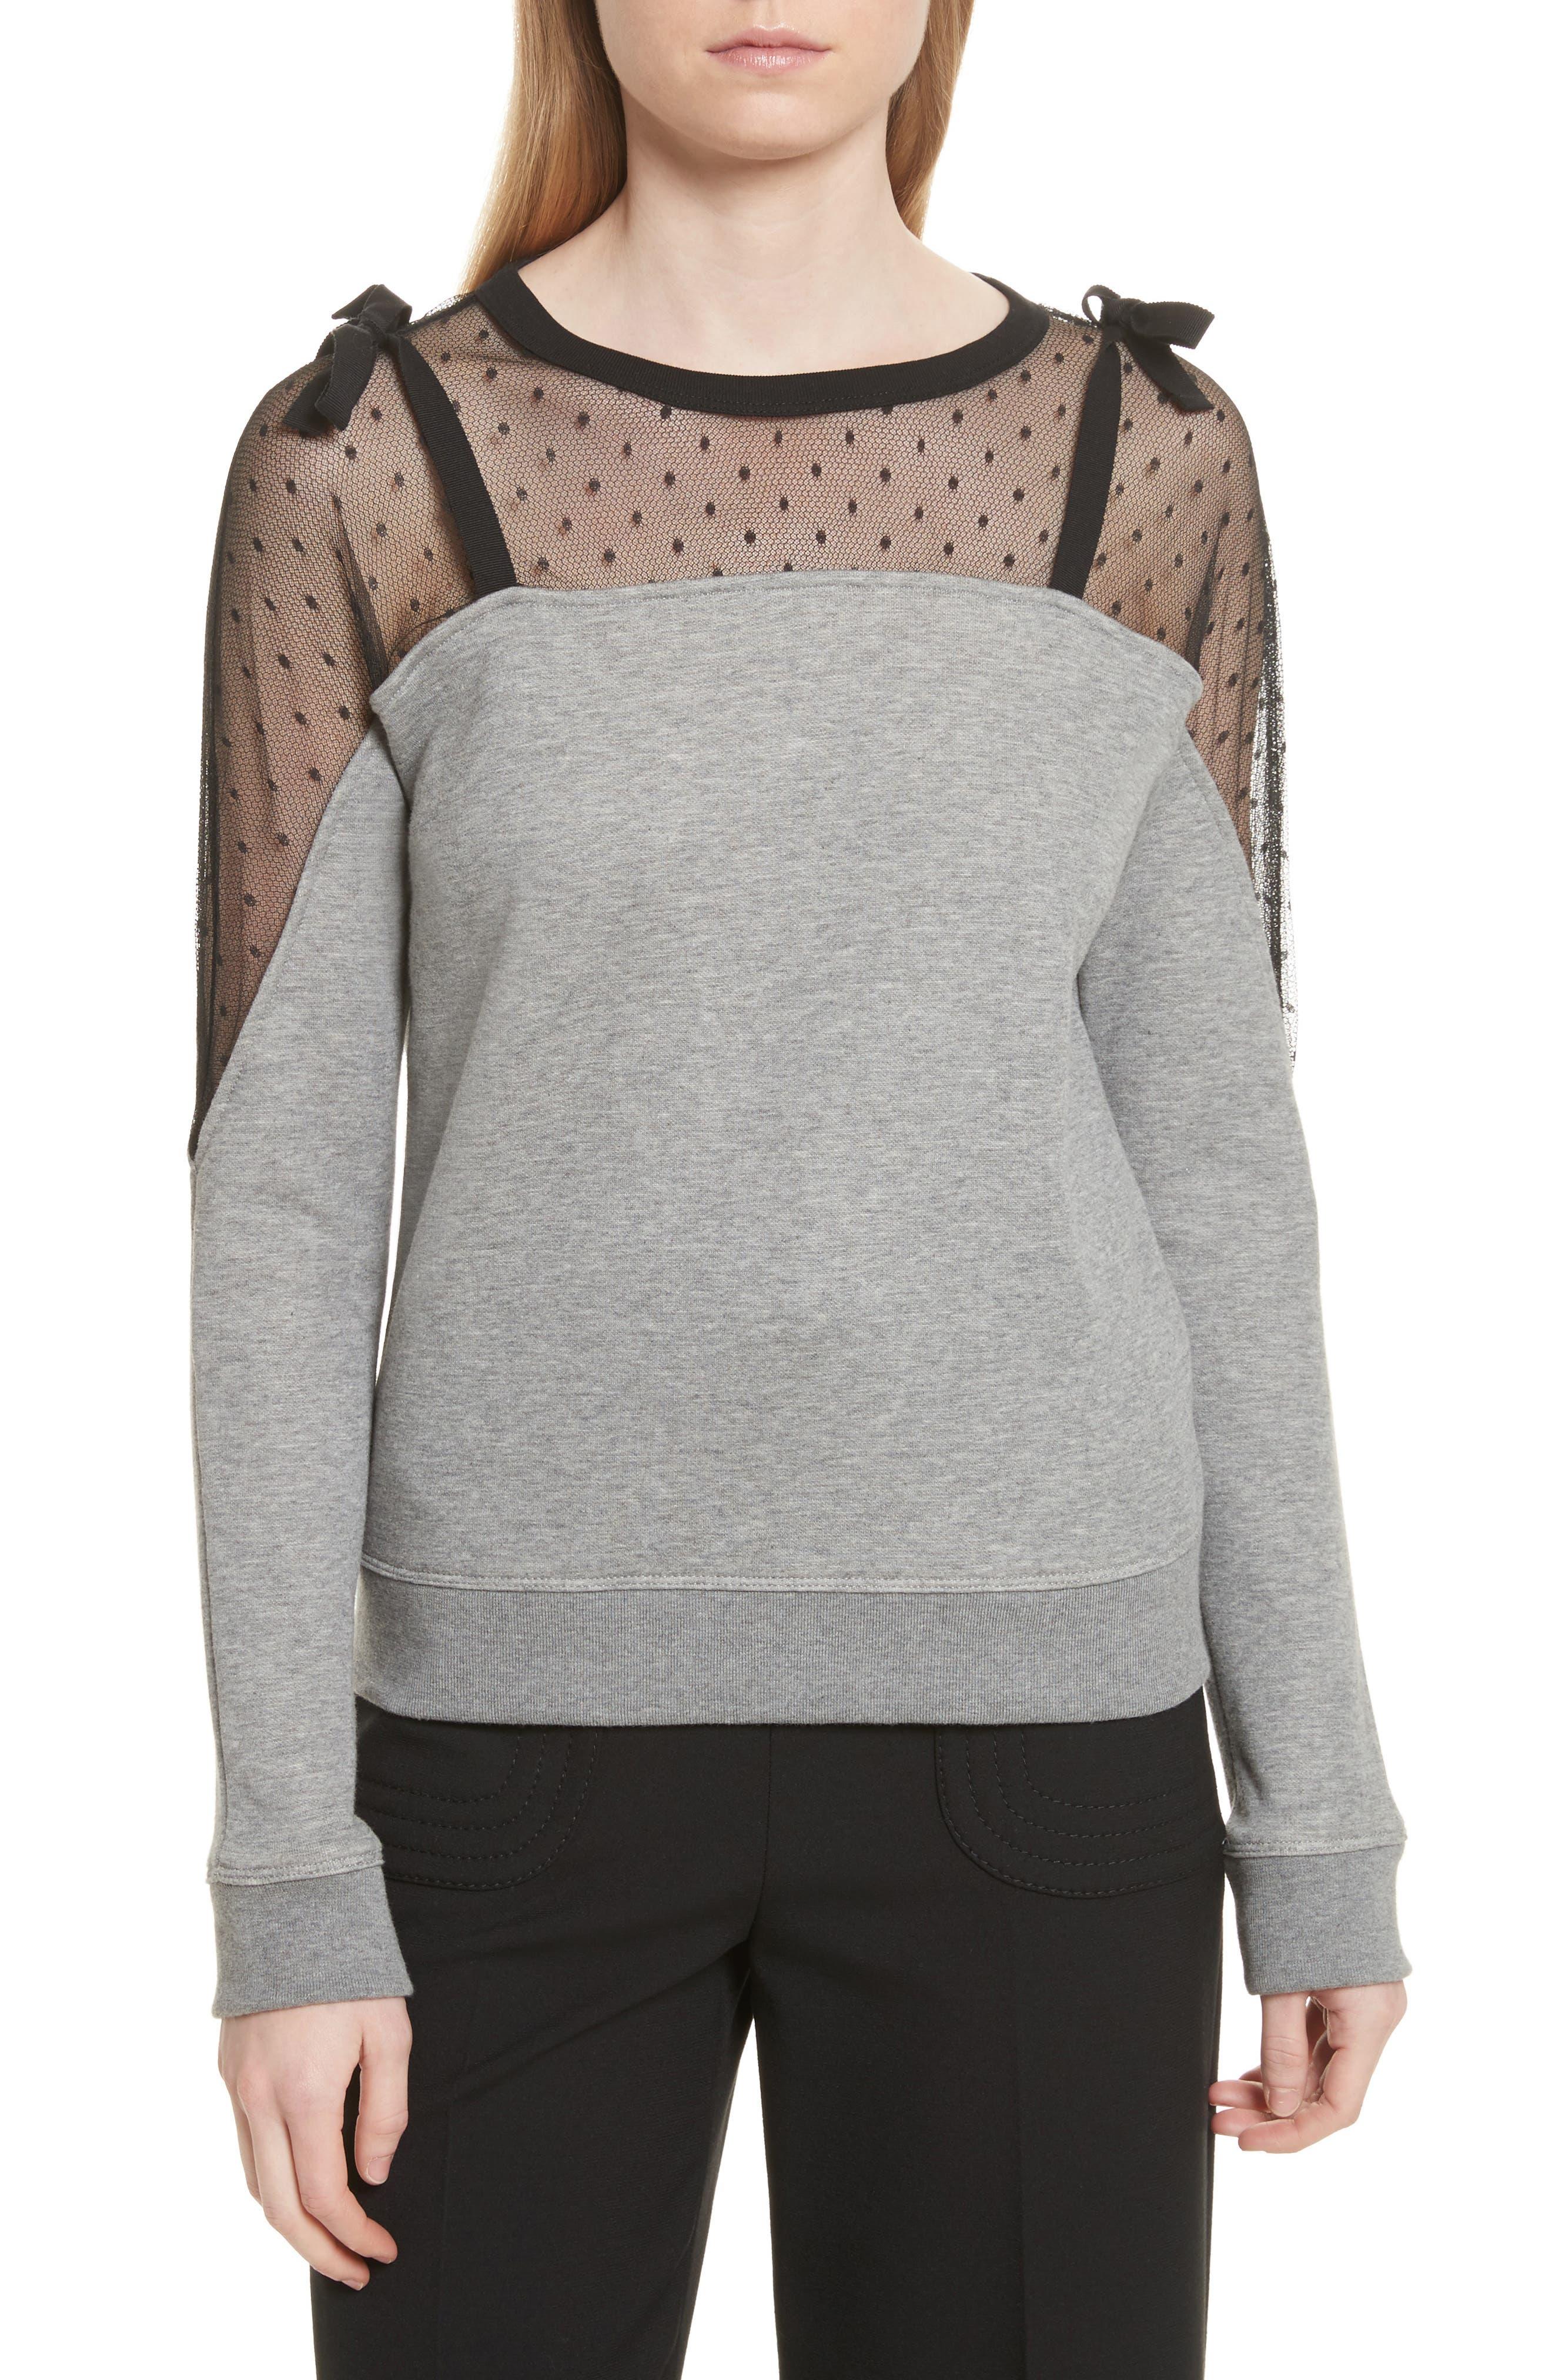 Point D'esprit Sweatshirt,                             Main thumbnail 1, color,                             Grey